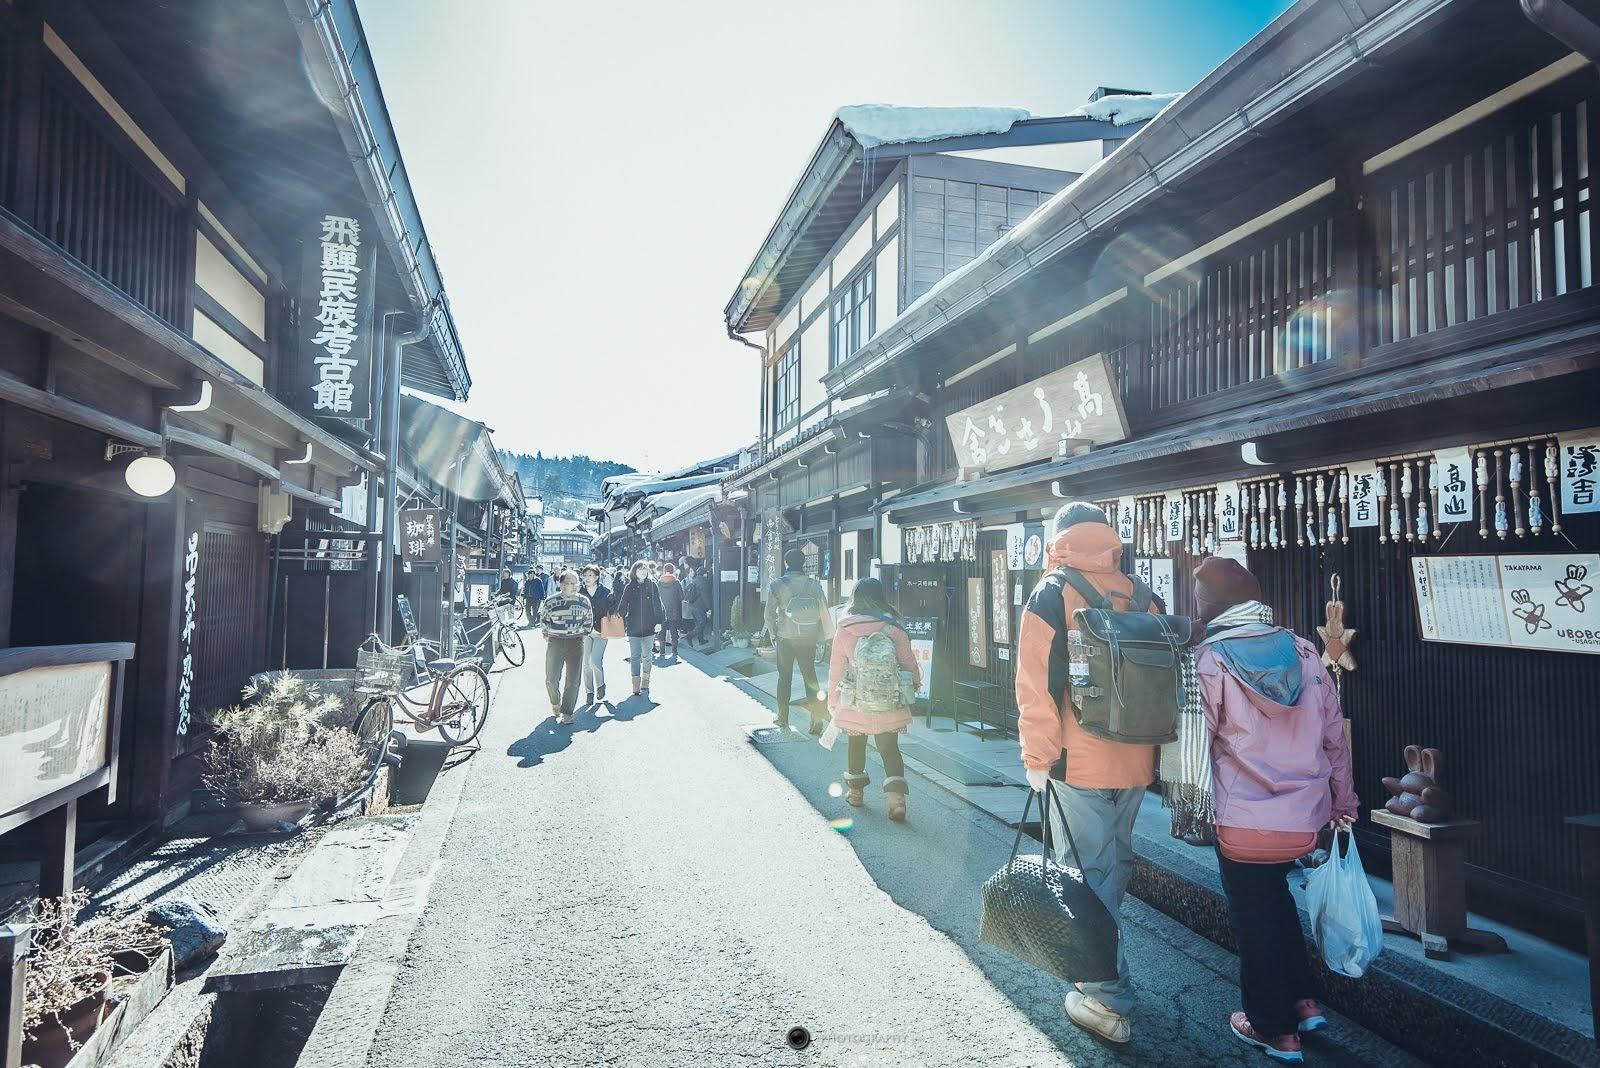 即便是一早的上三之町還是充滿許多遊客,都不知道人從哪裡來的。